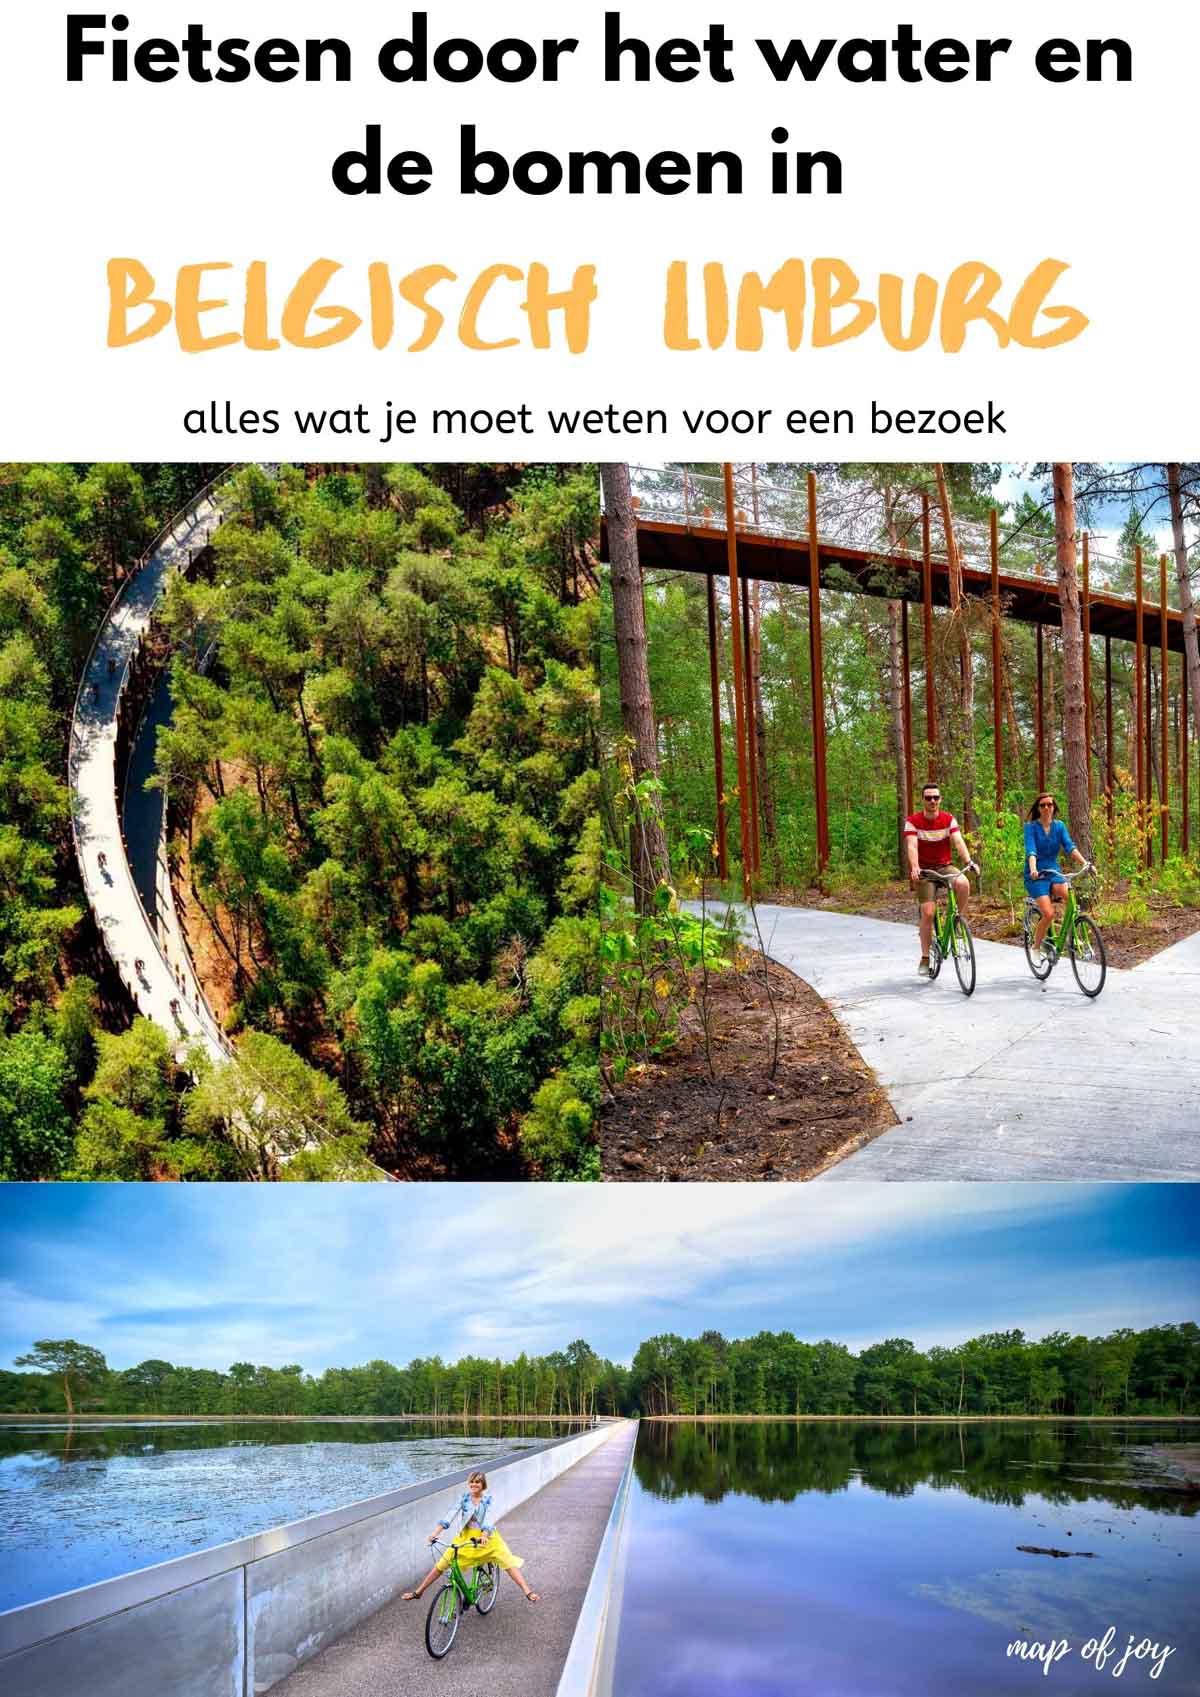 Fietsen door de bomen en het water in Belgisch Limburg